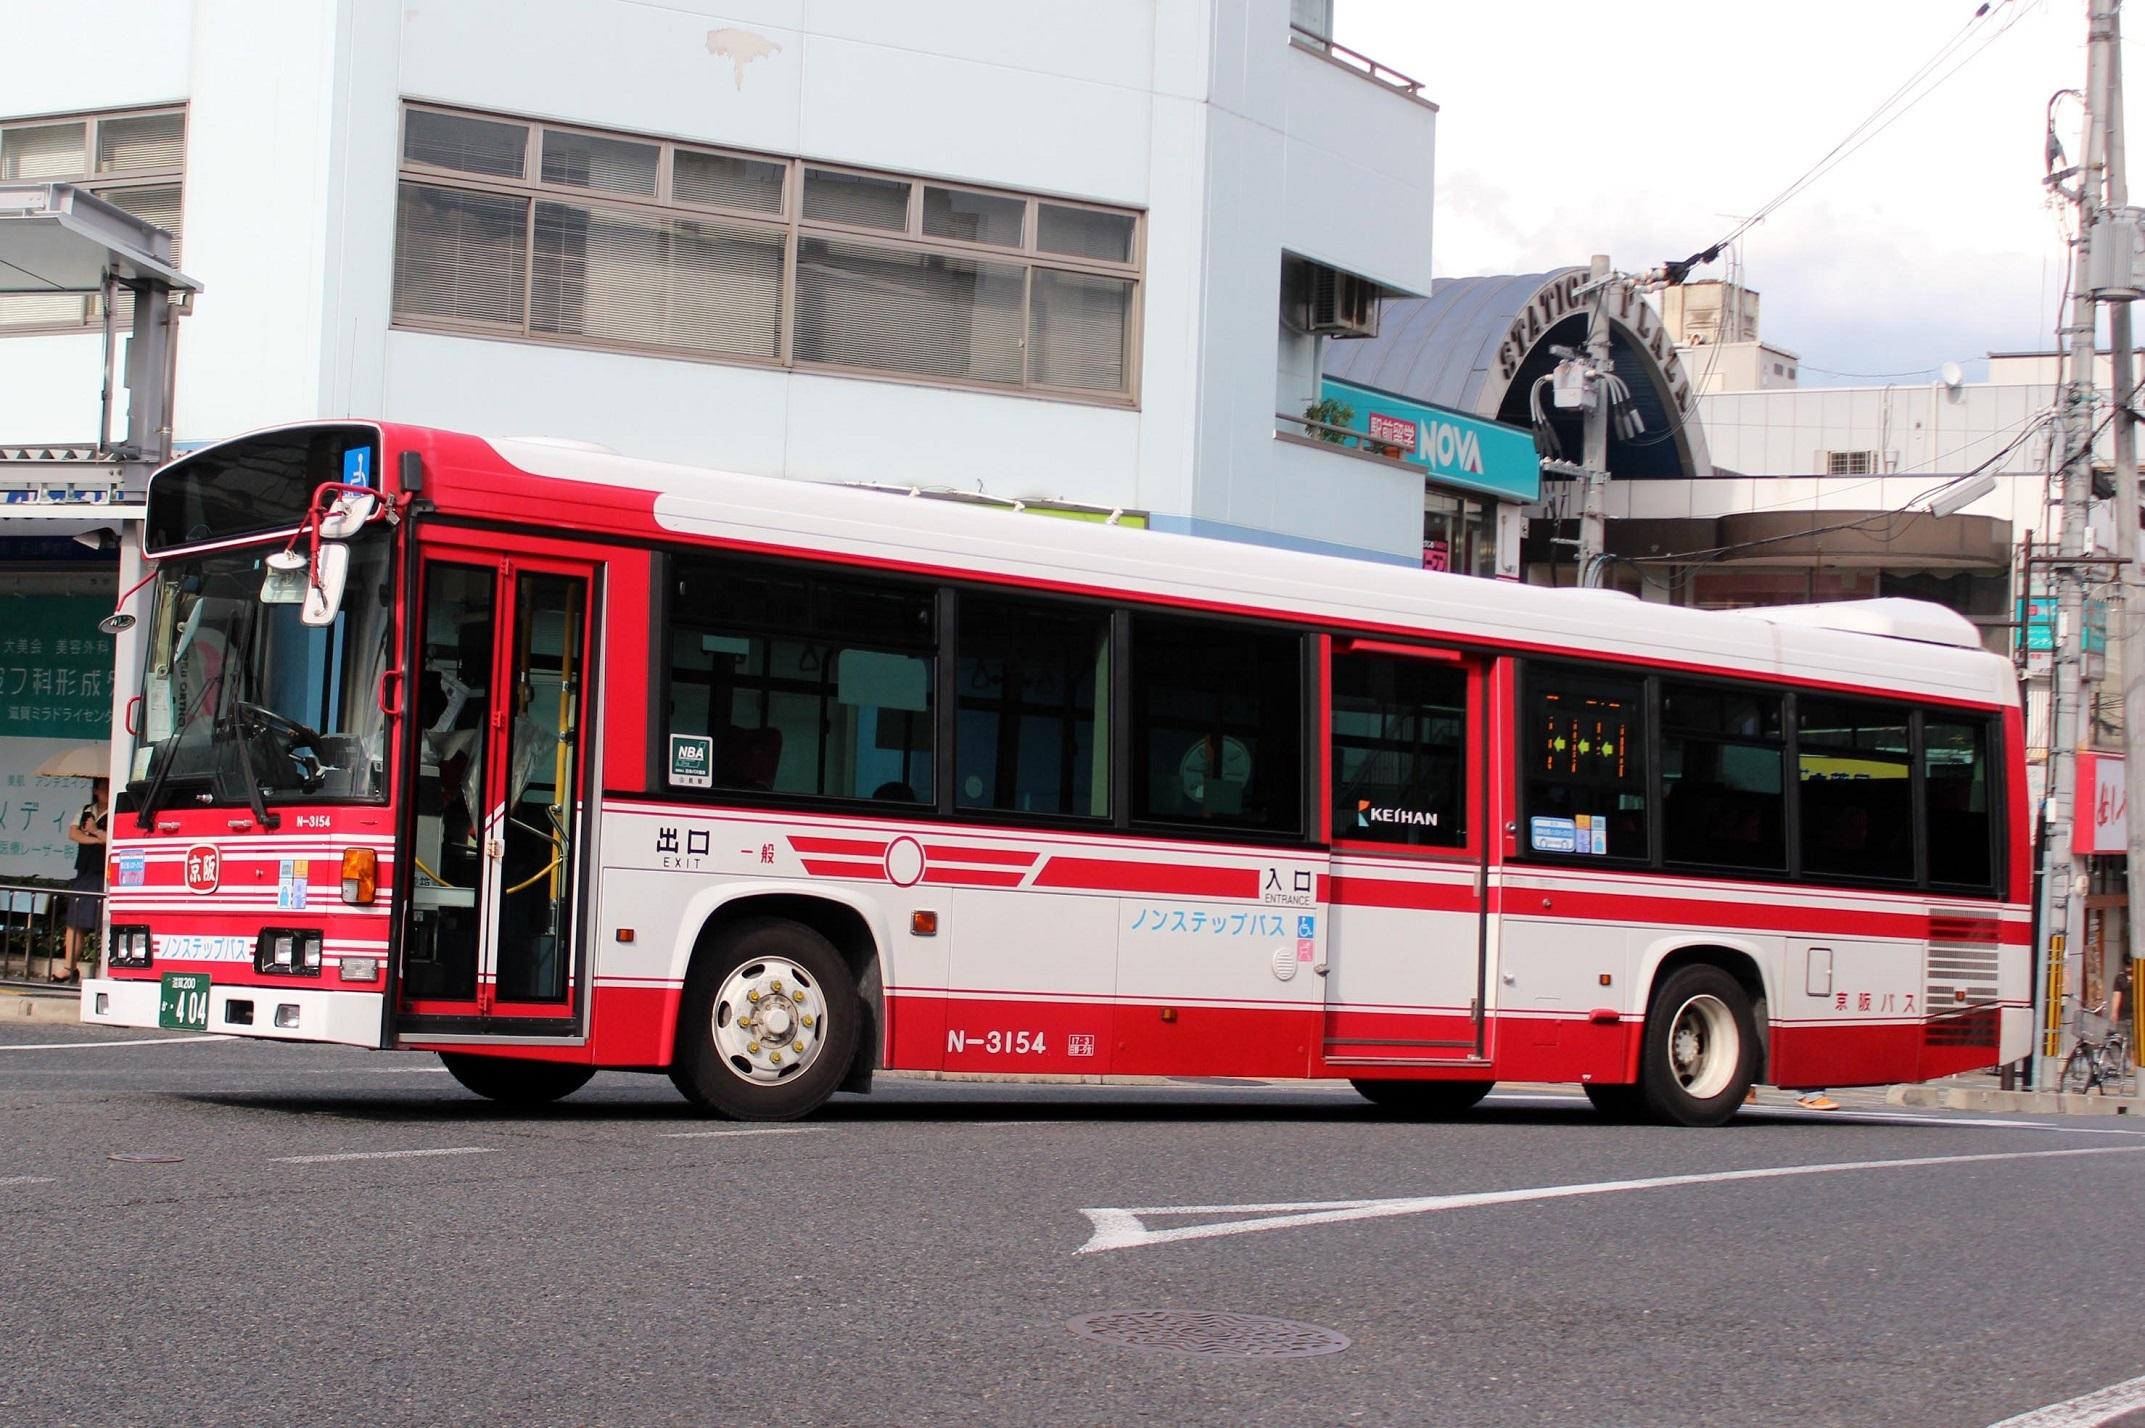 京阪バス N-3154